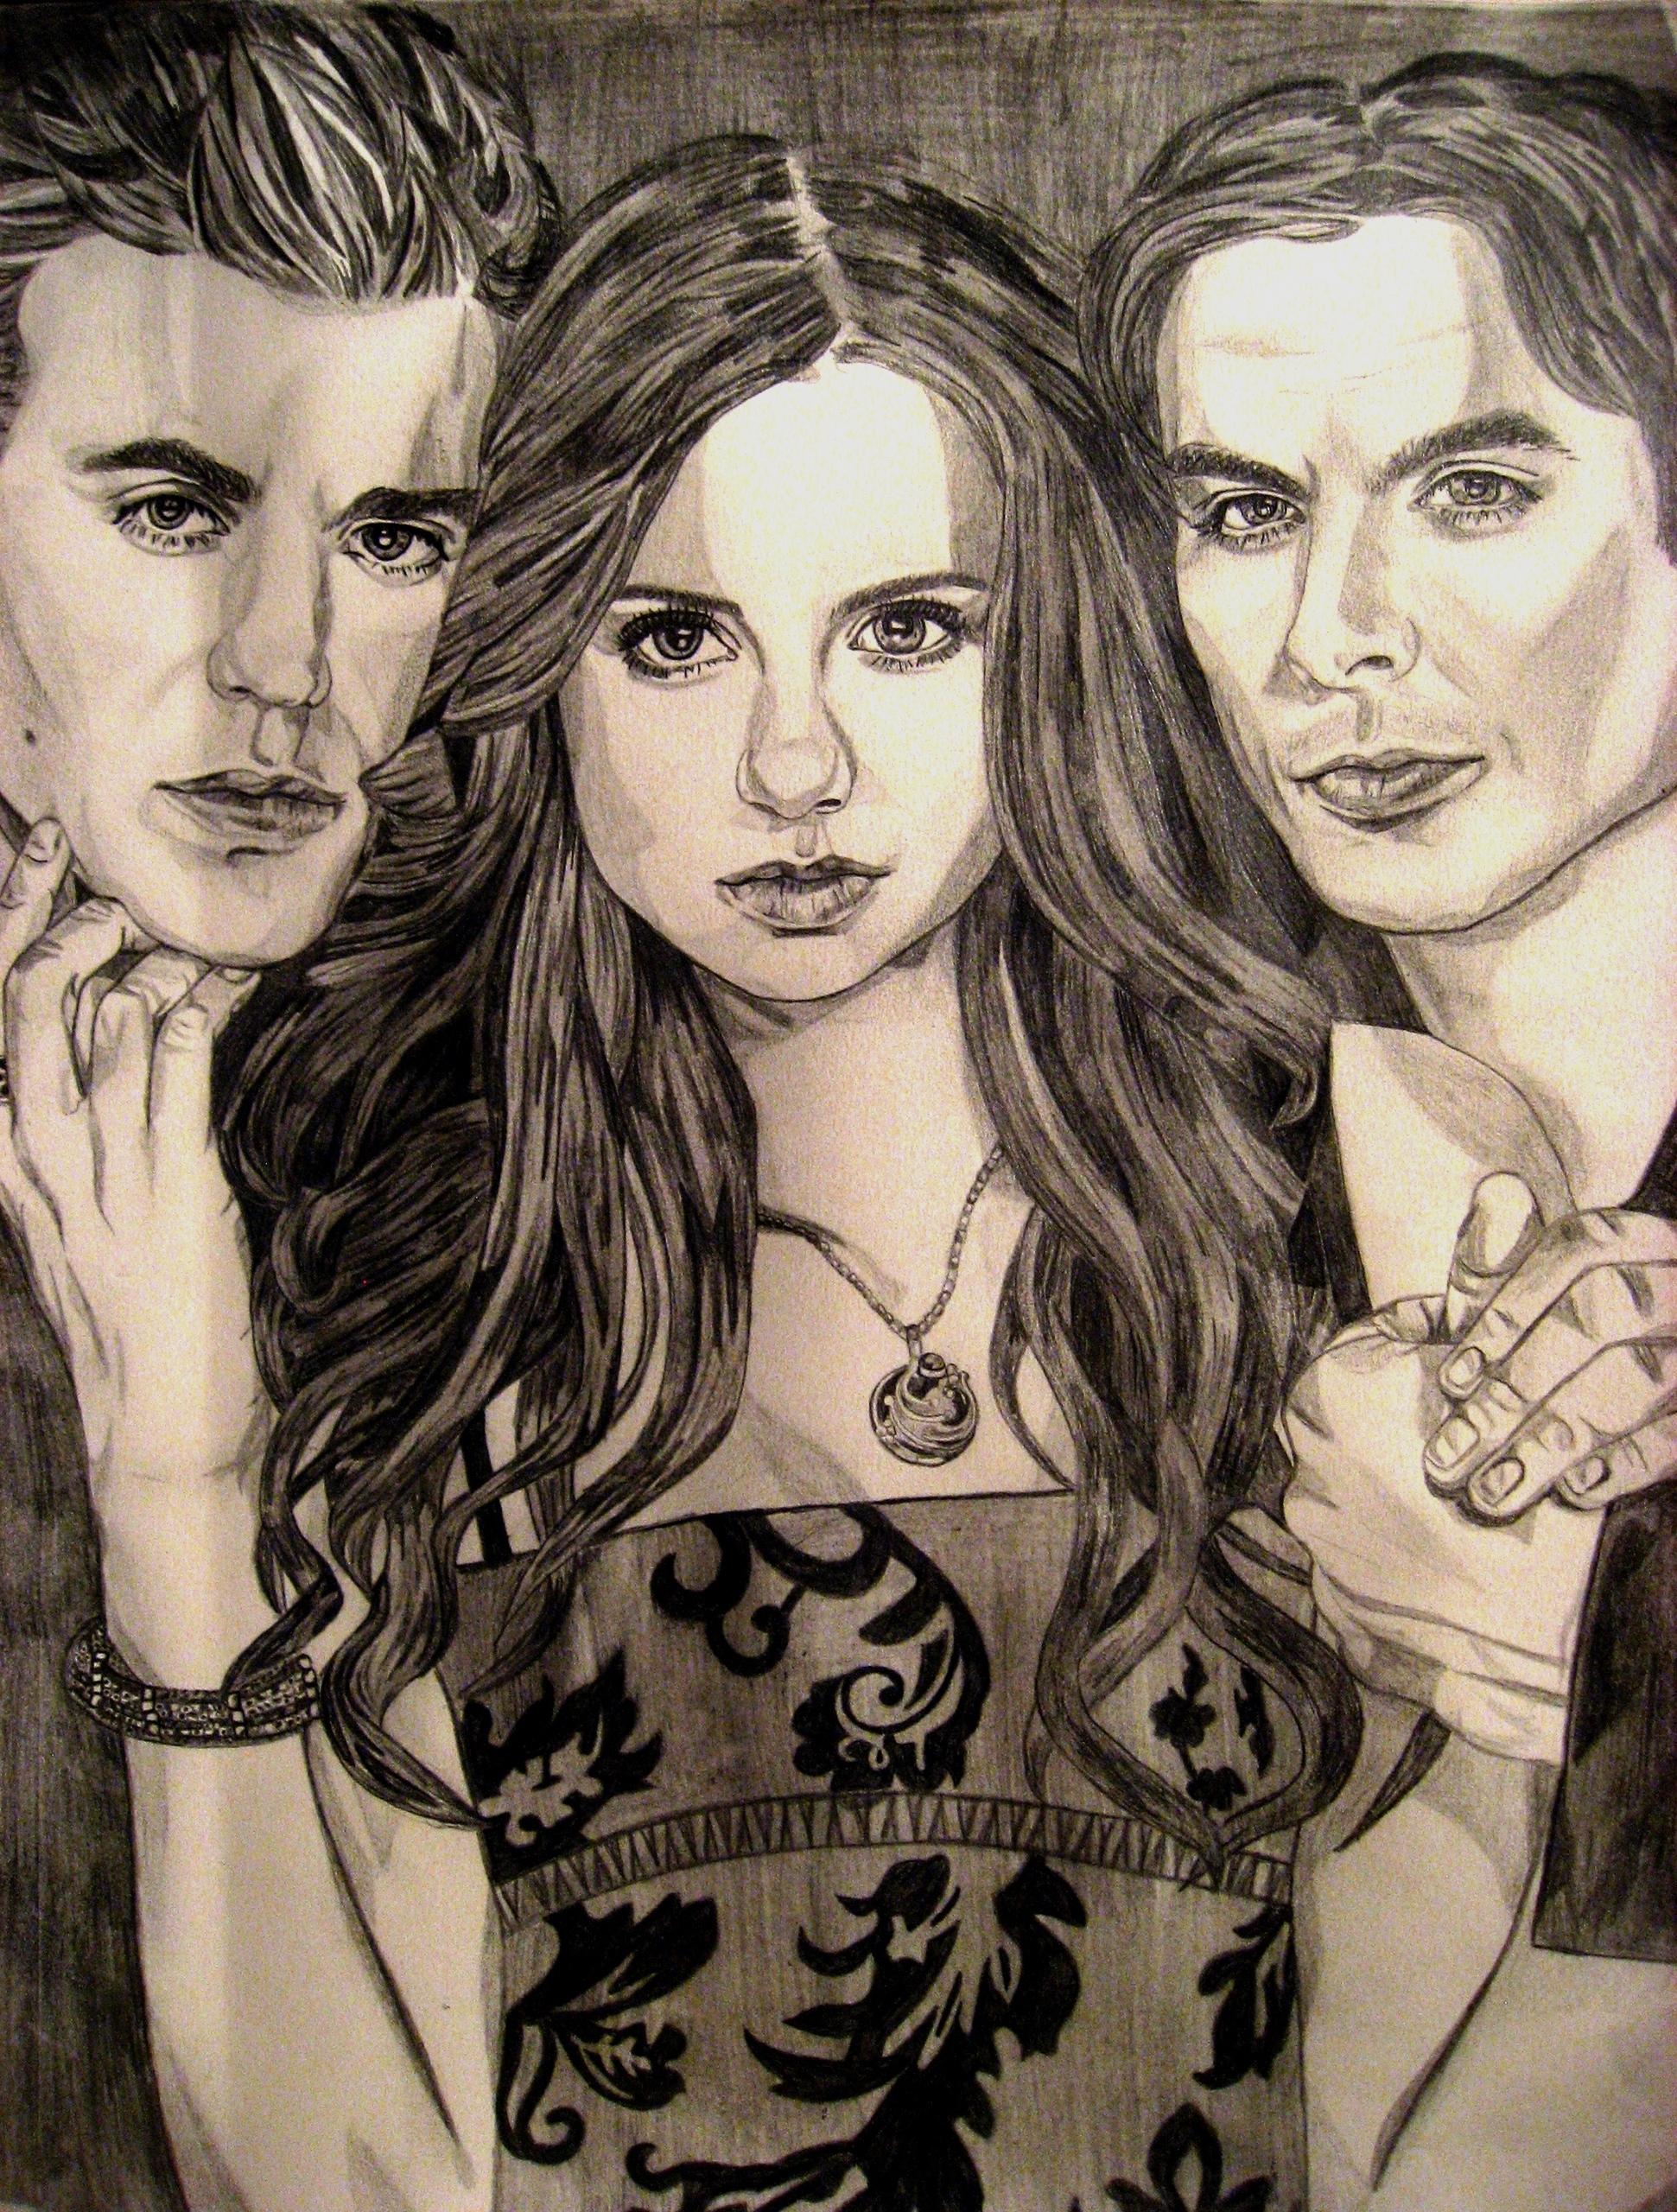 Paul, Nina, Ian